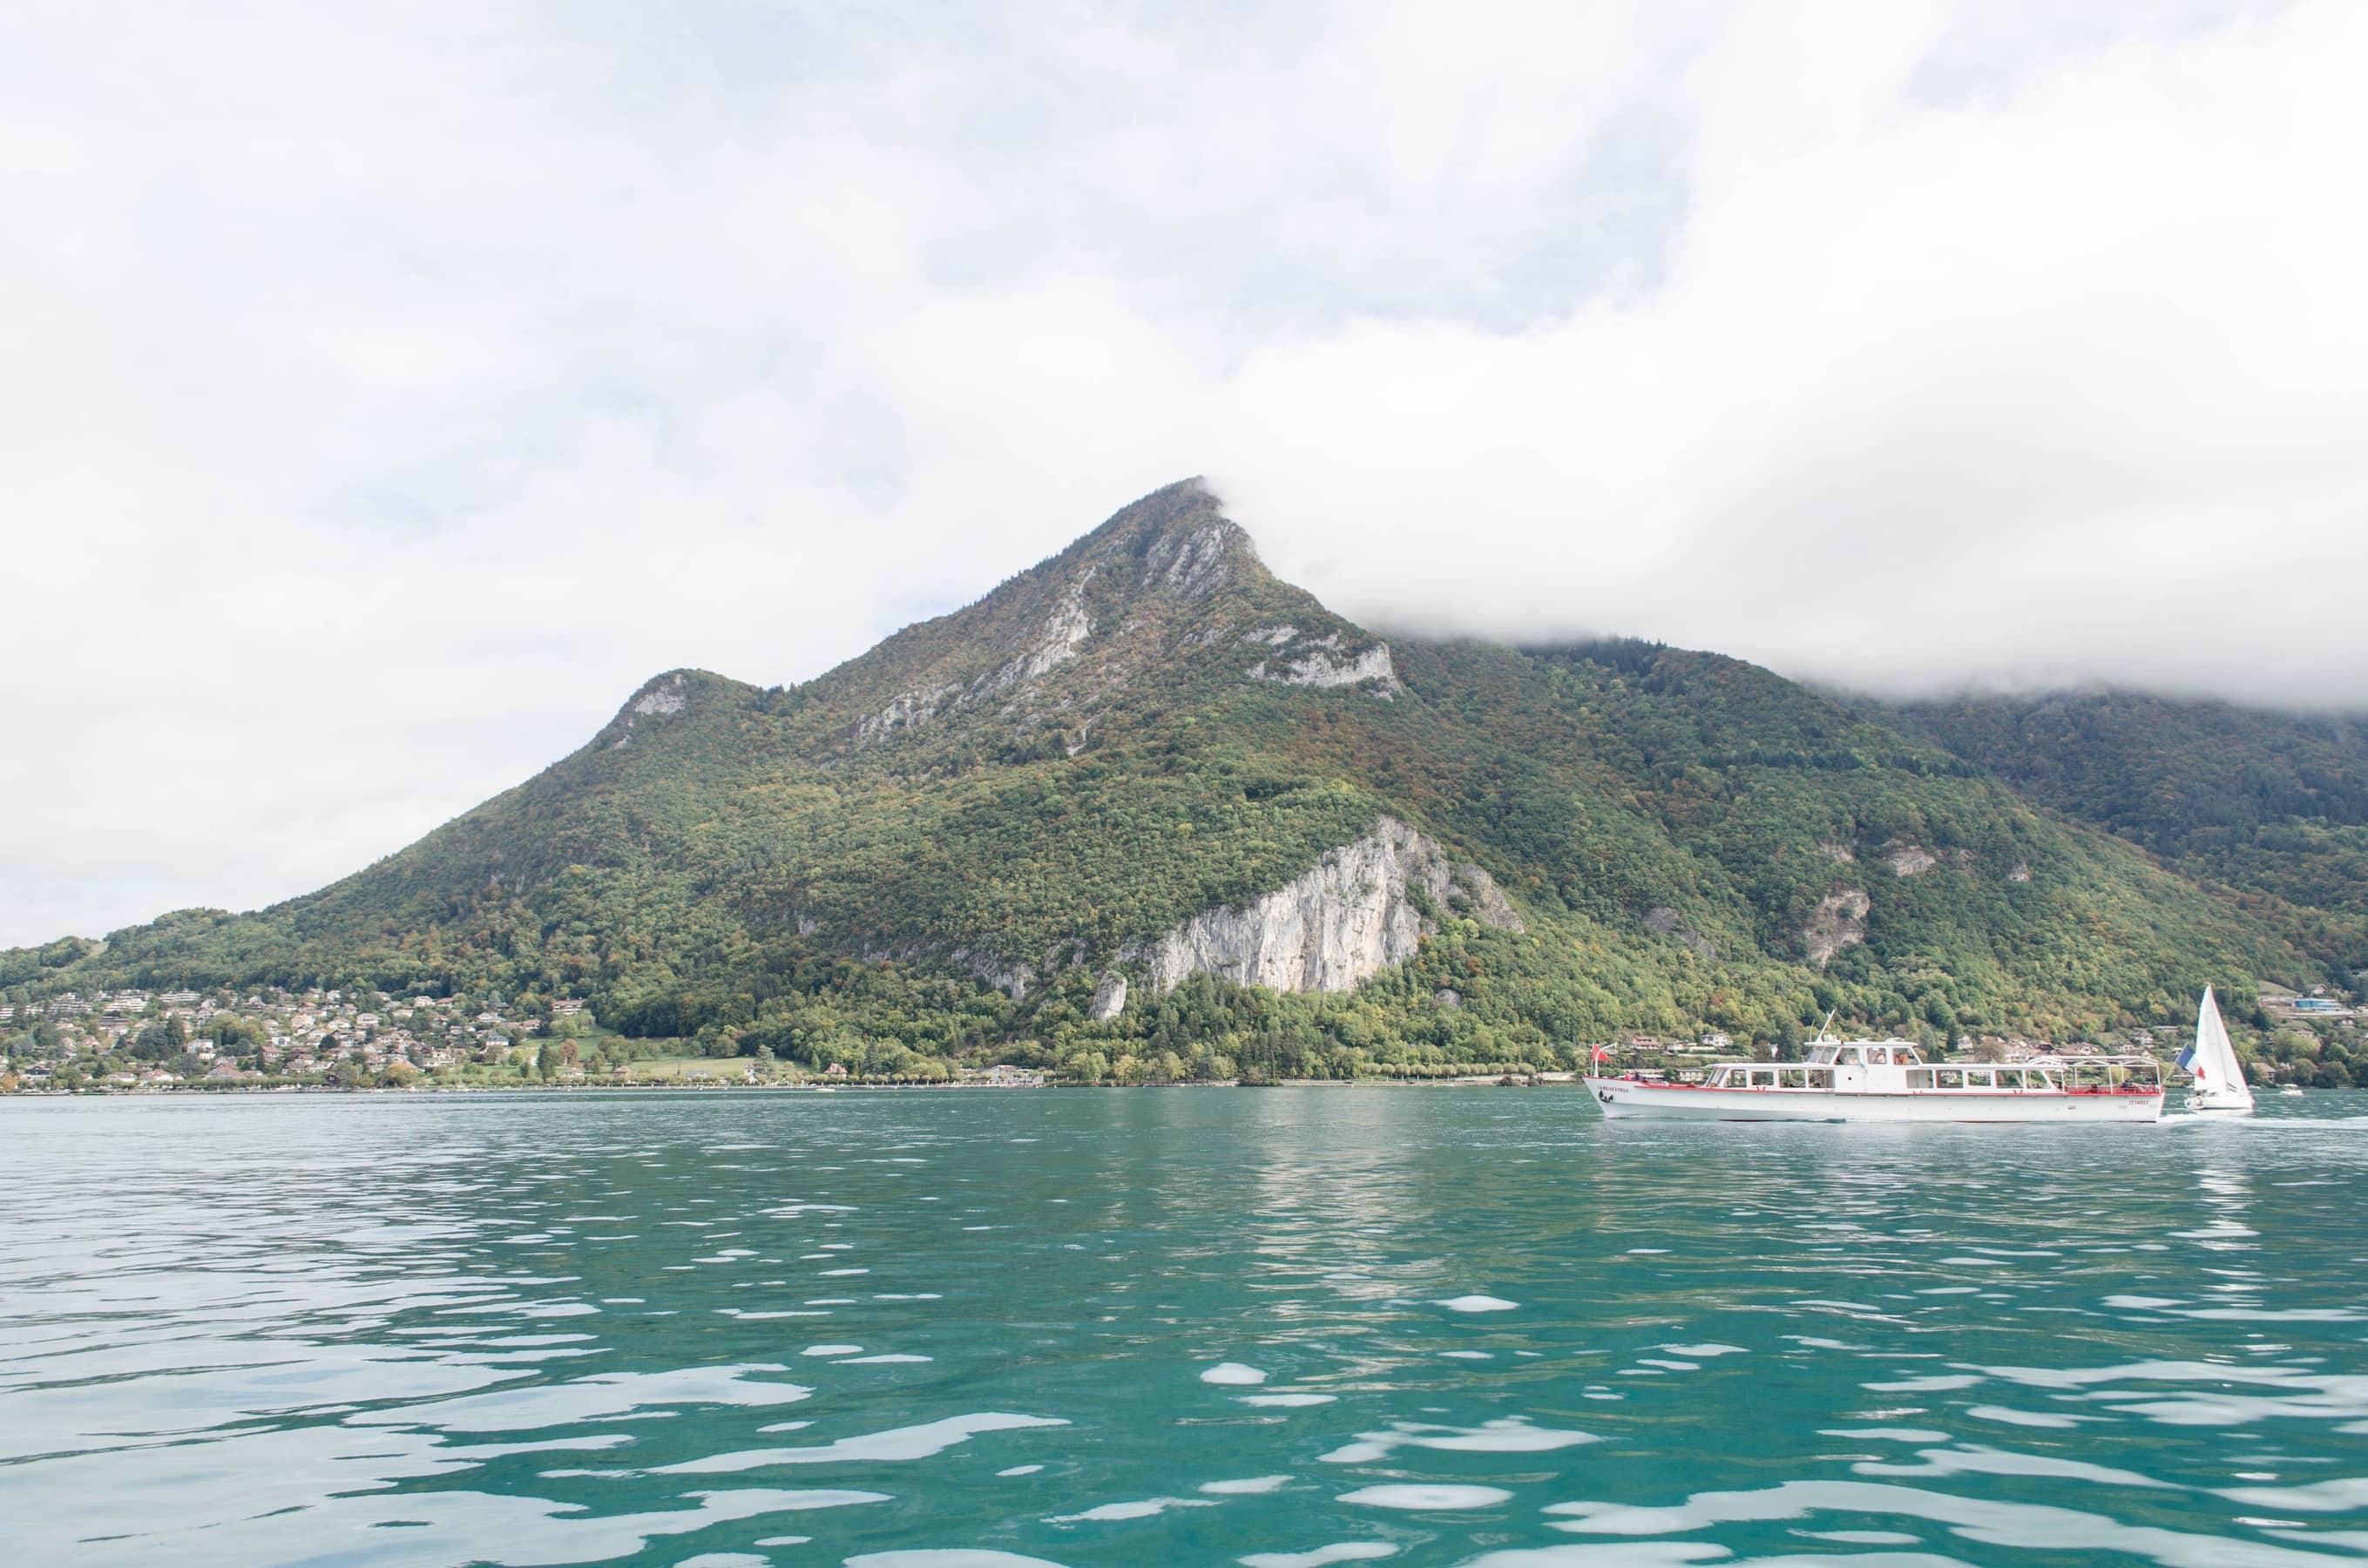 Rundfahrt auf dem Lac Annecy